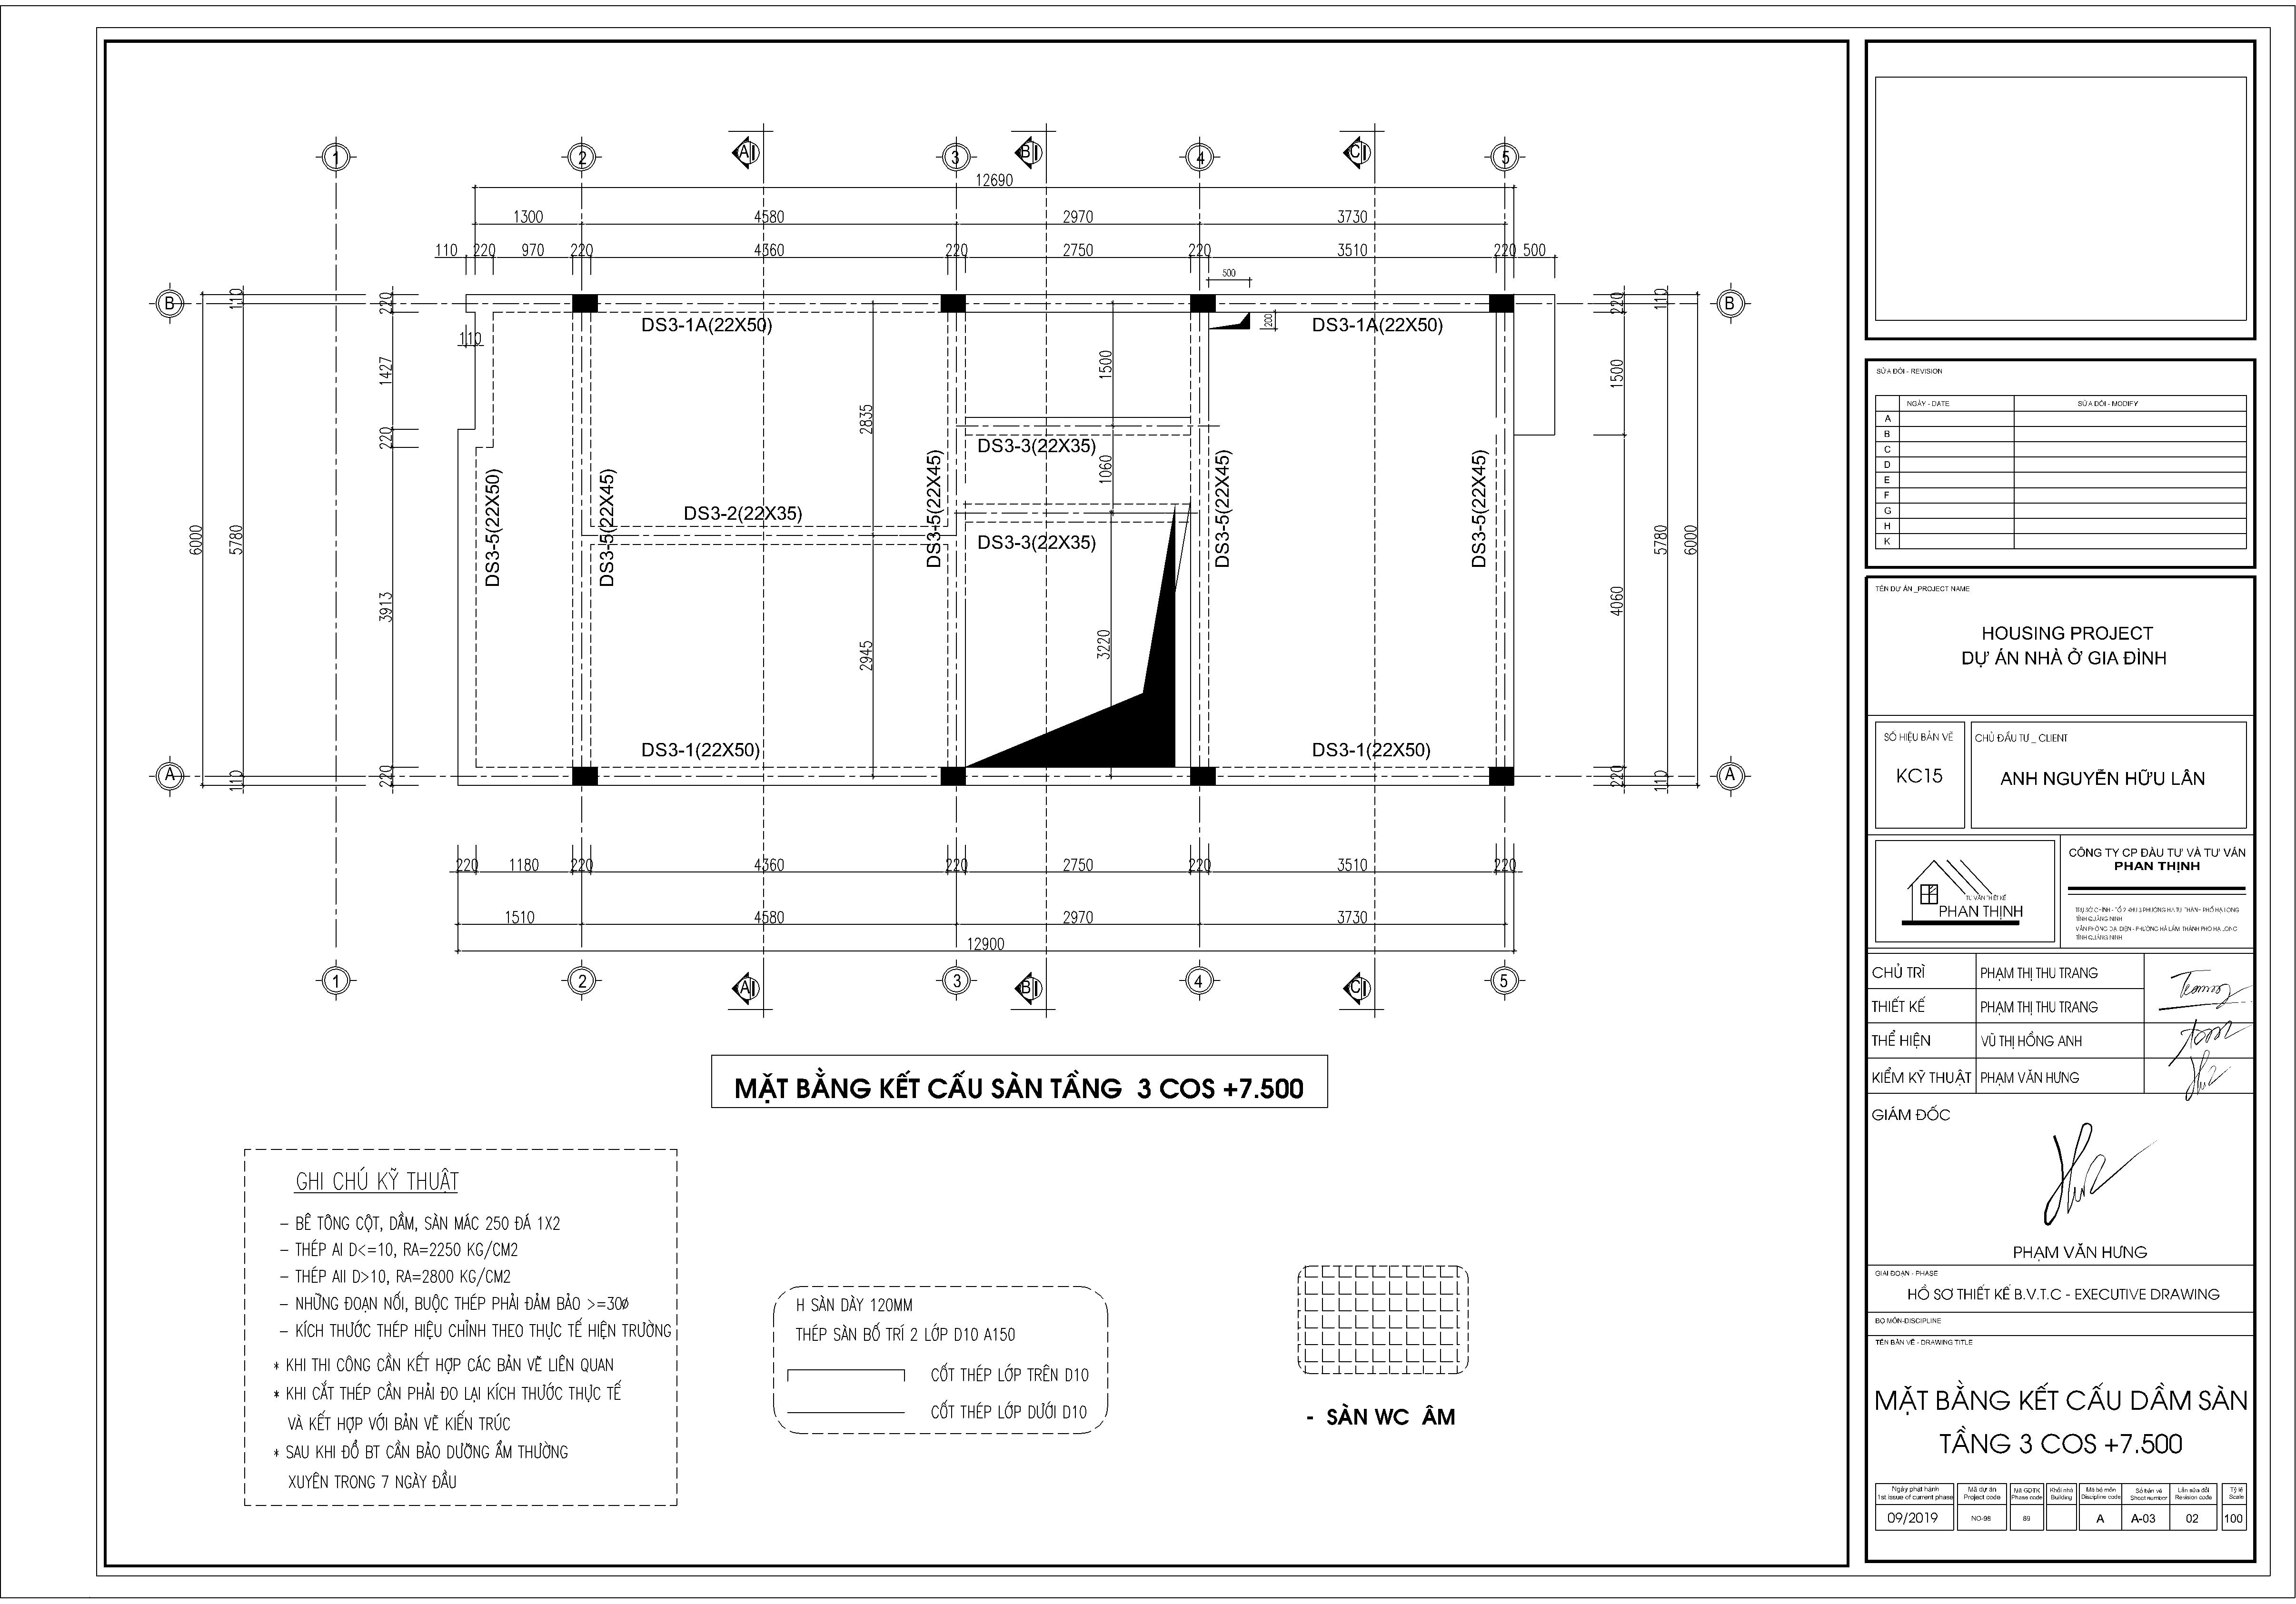 Mặt bằng kết cấu sàn tầng 3